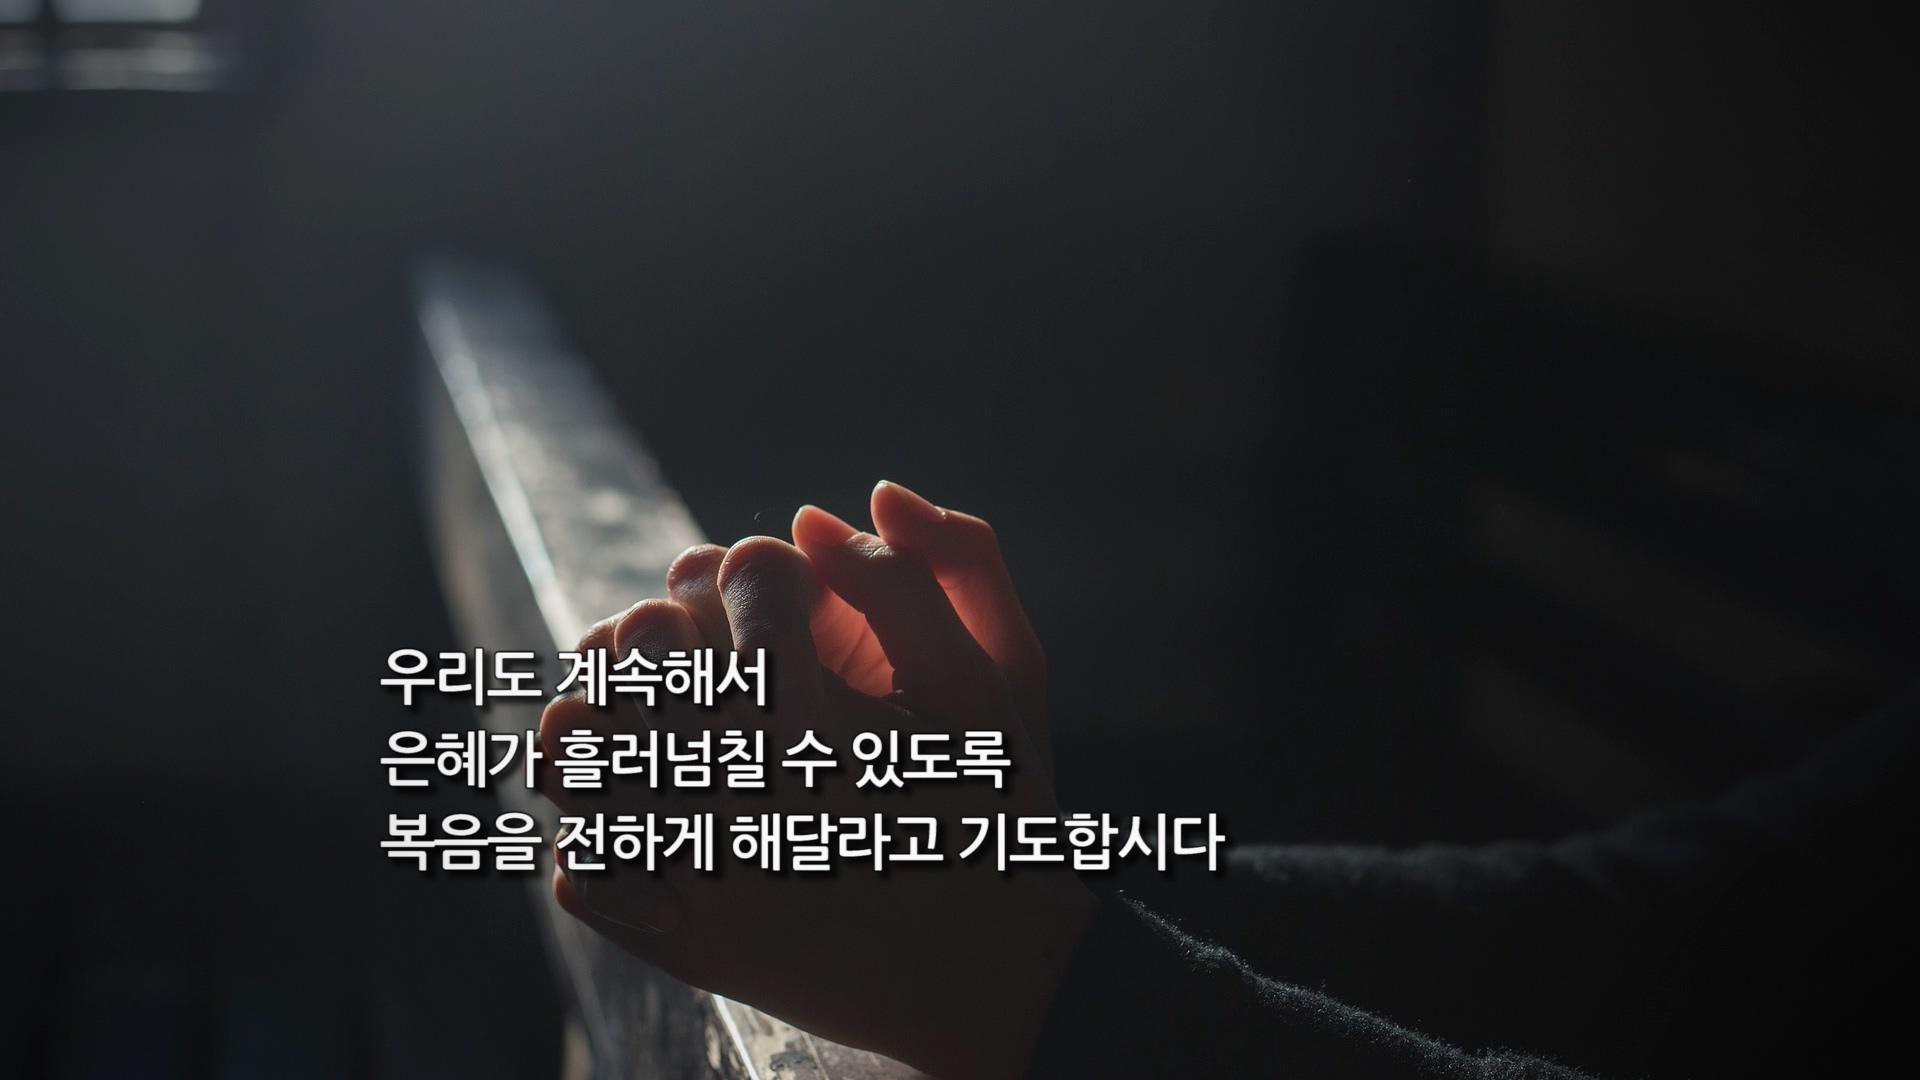 190412_essay.mp4_20190414_185004.713.jpg